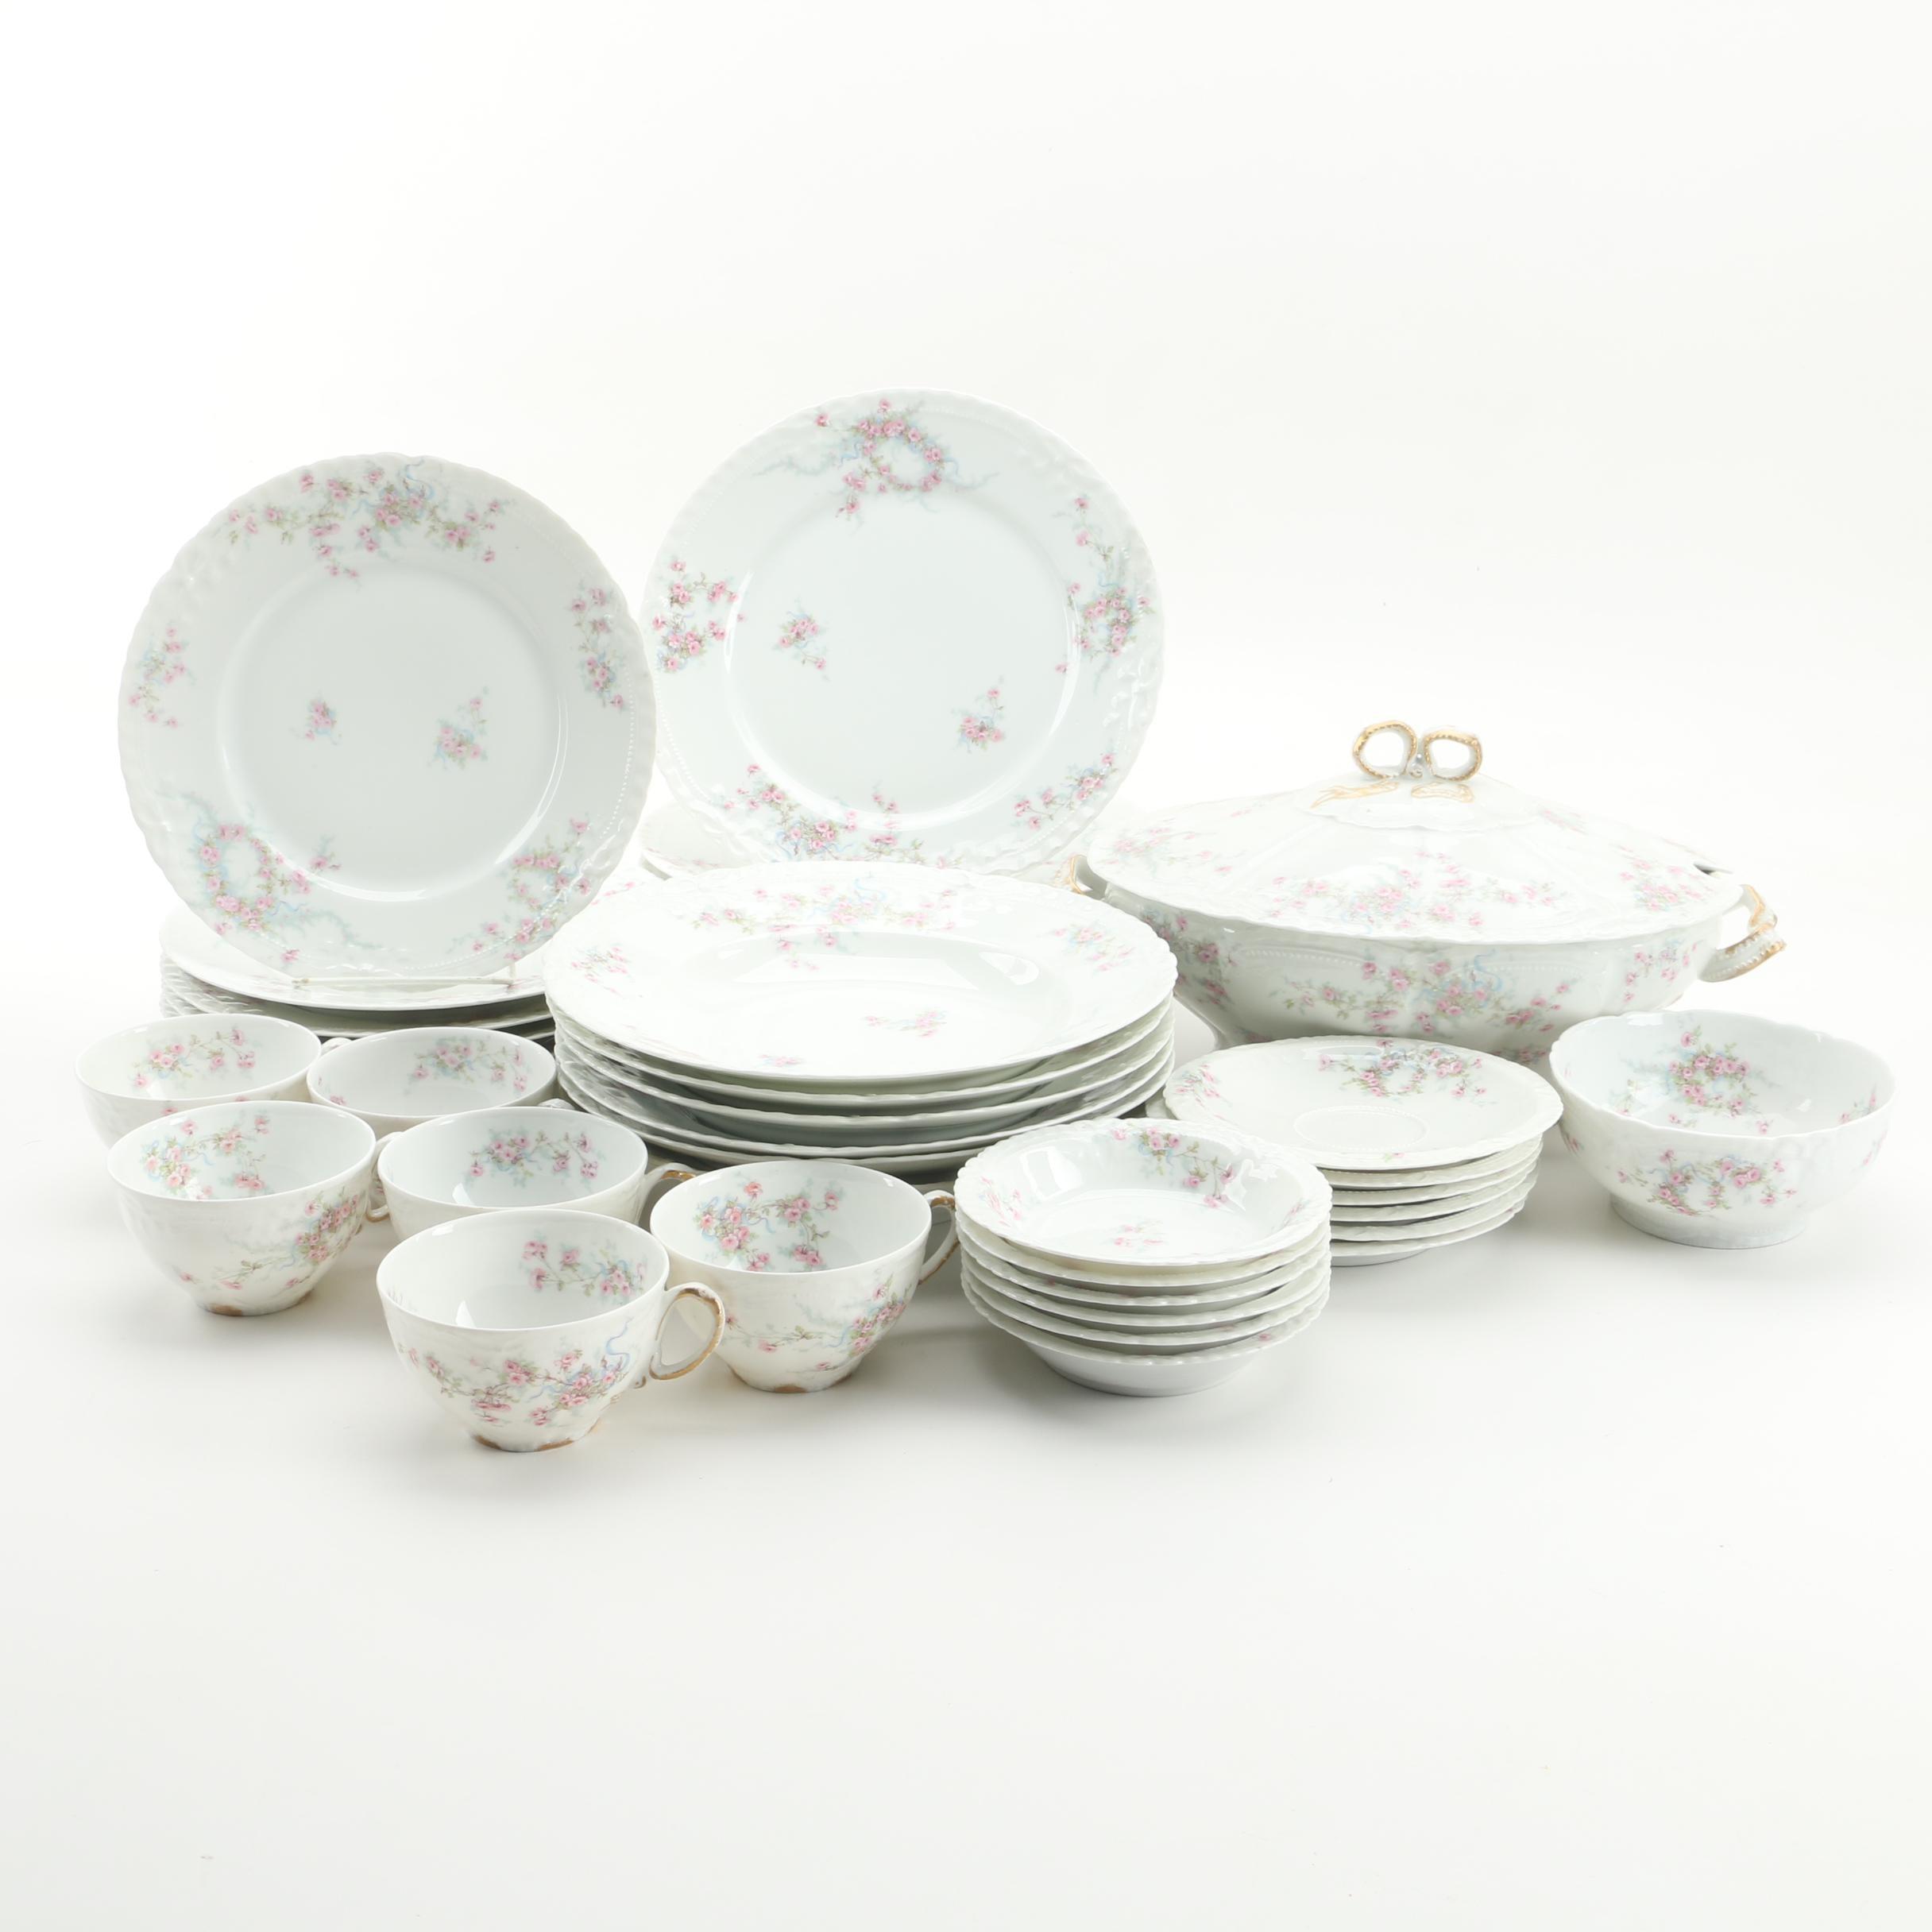 Vintage Theodore Haviland Limoges Pink Rose Motif Porcelain Tableware